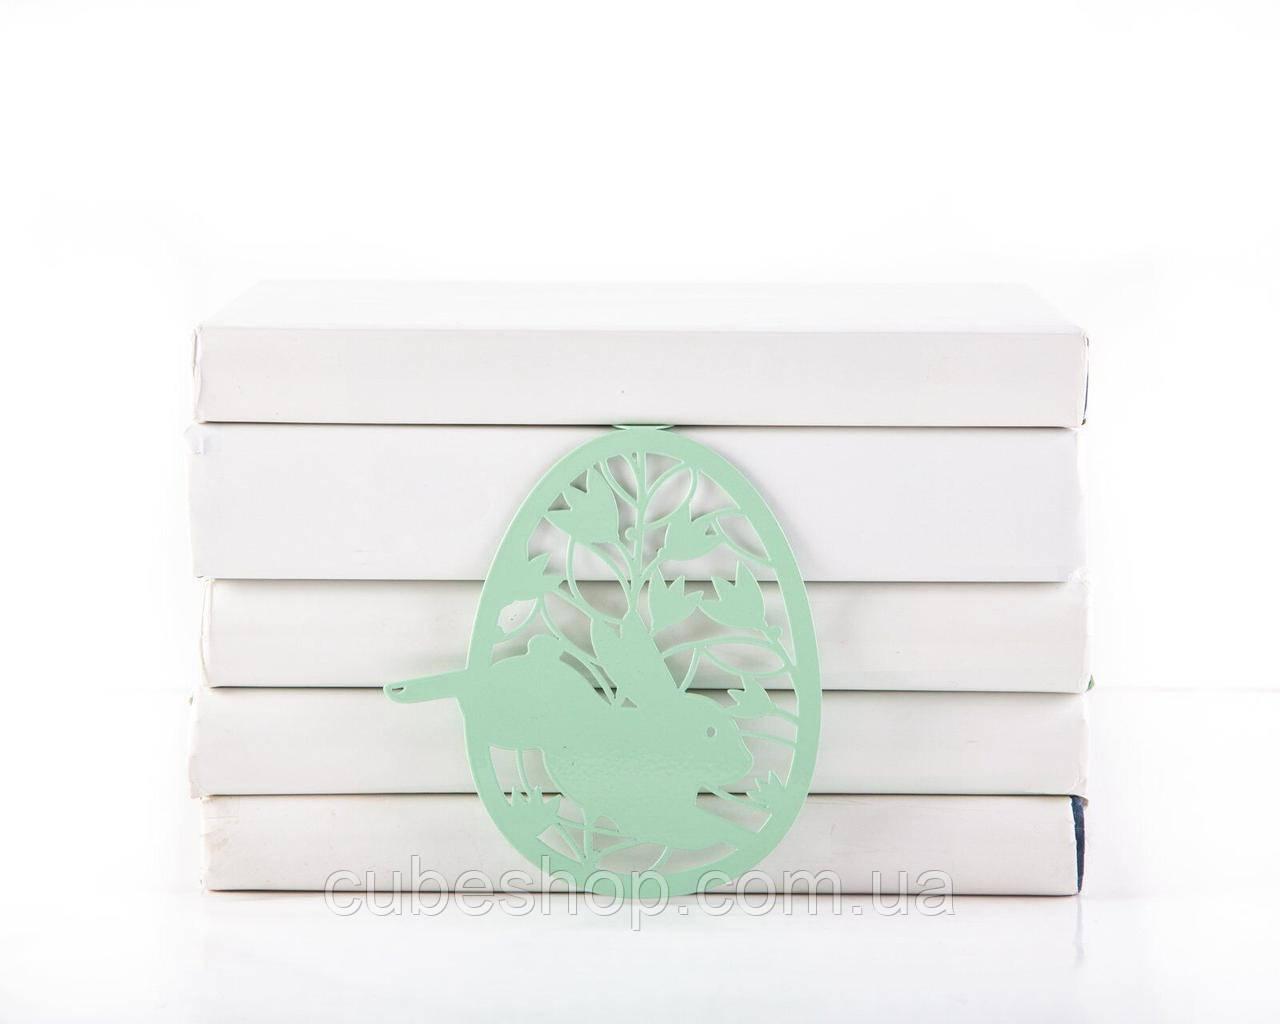 Закладка для книг Пасхальное яйцо (мятный цвет)